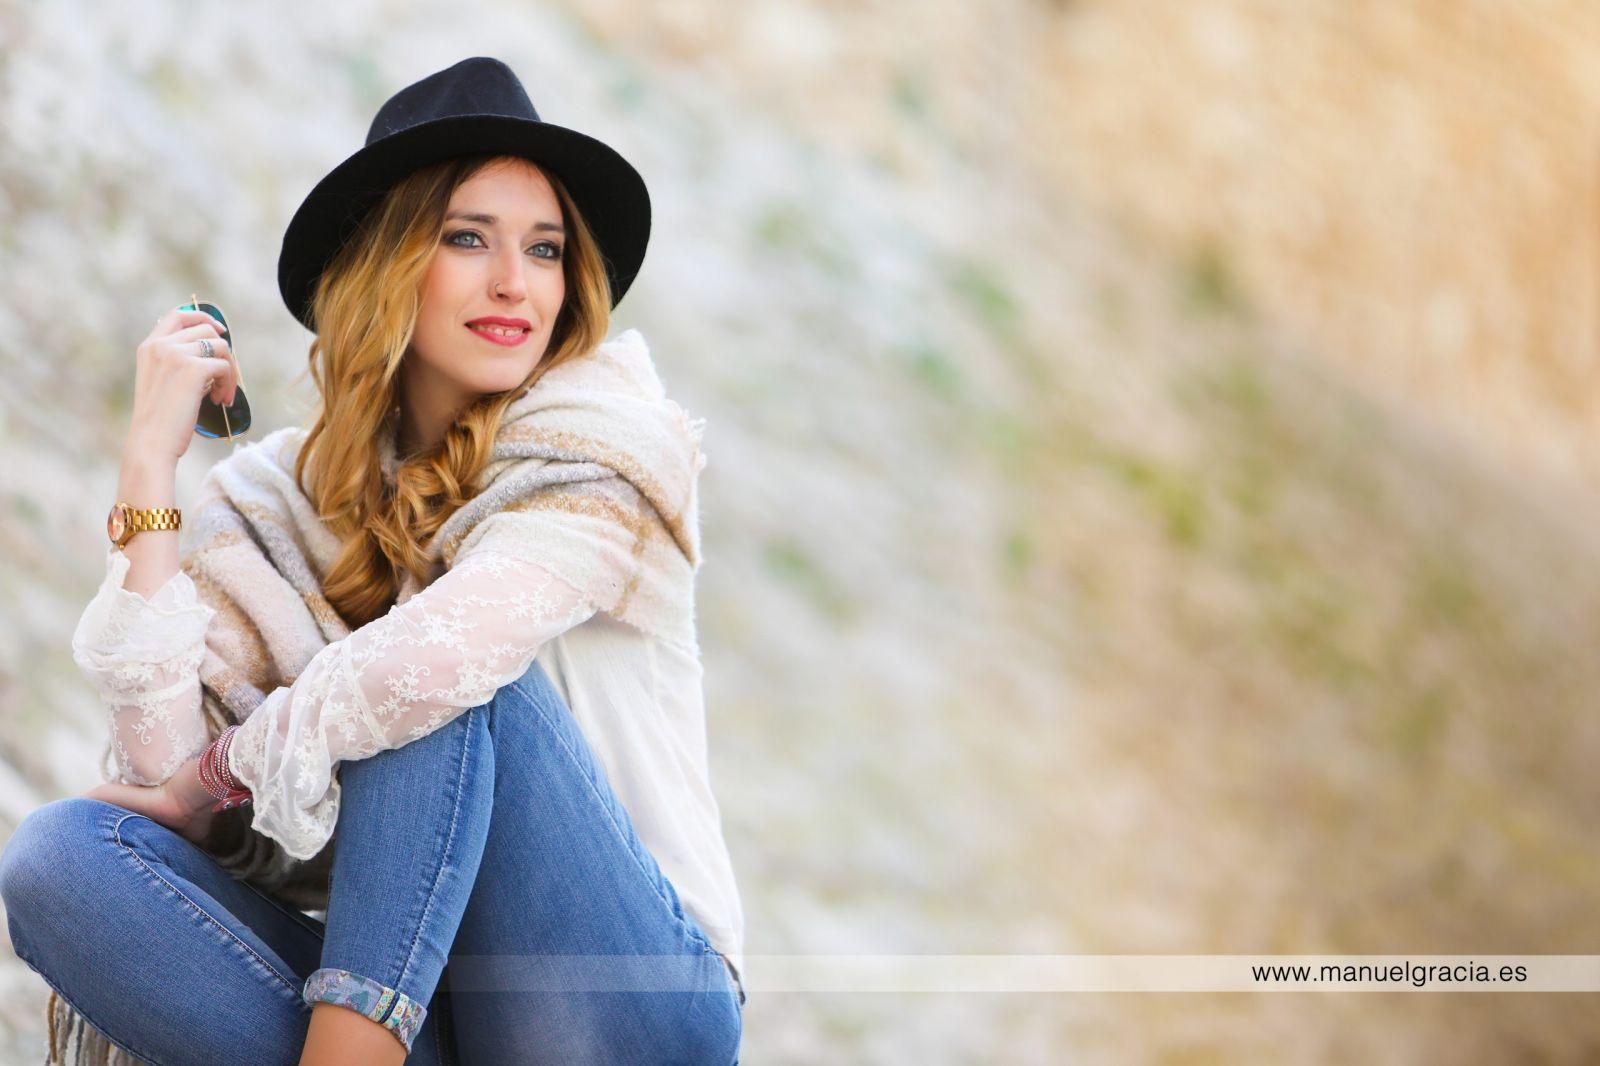 fotografo-book-sitges-3